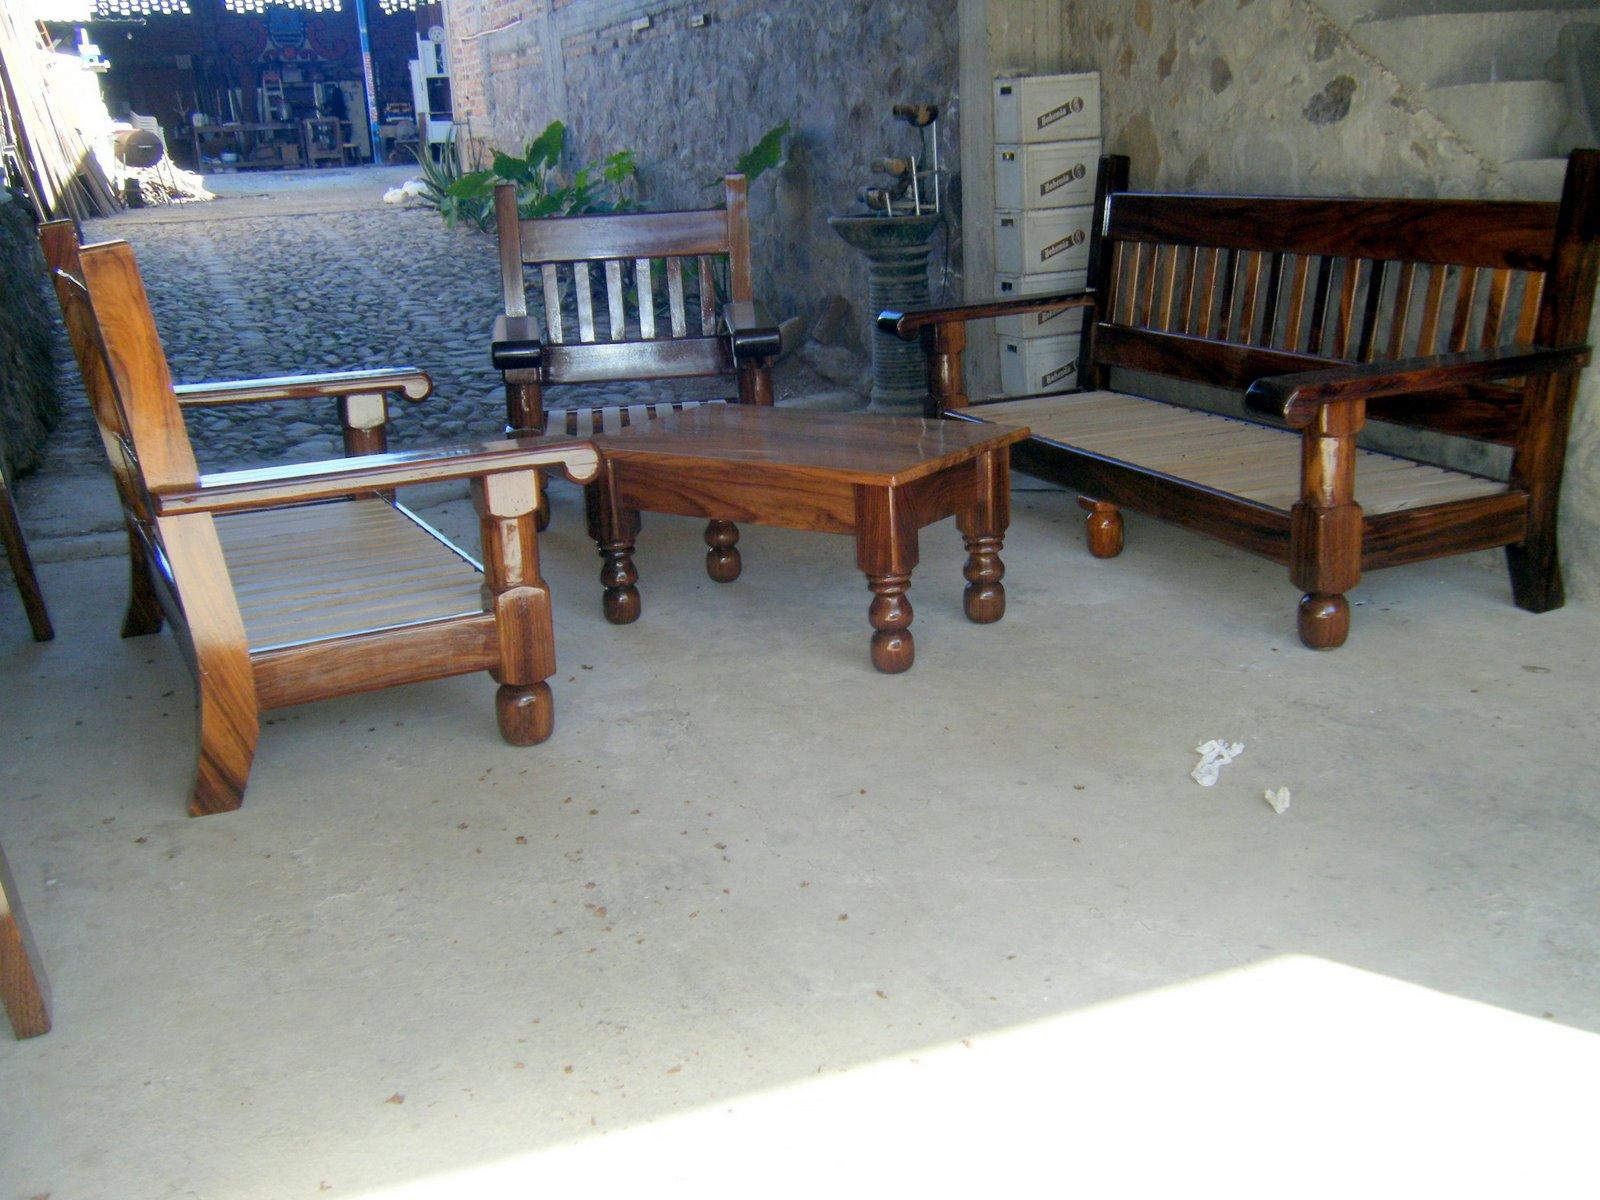 puntos basicos carpinteria mueble de sala tipo colonial